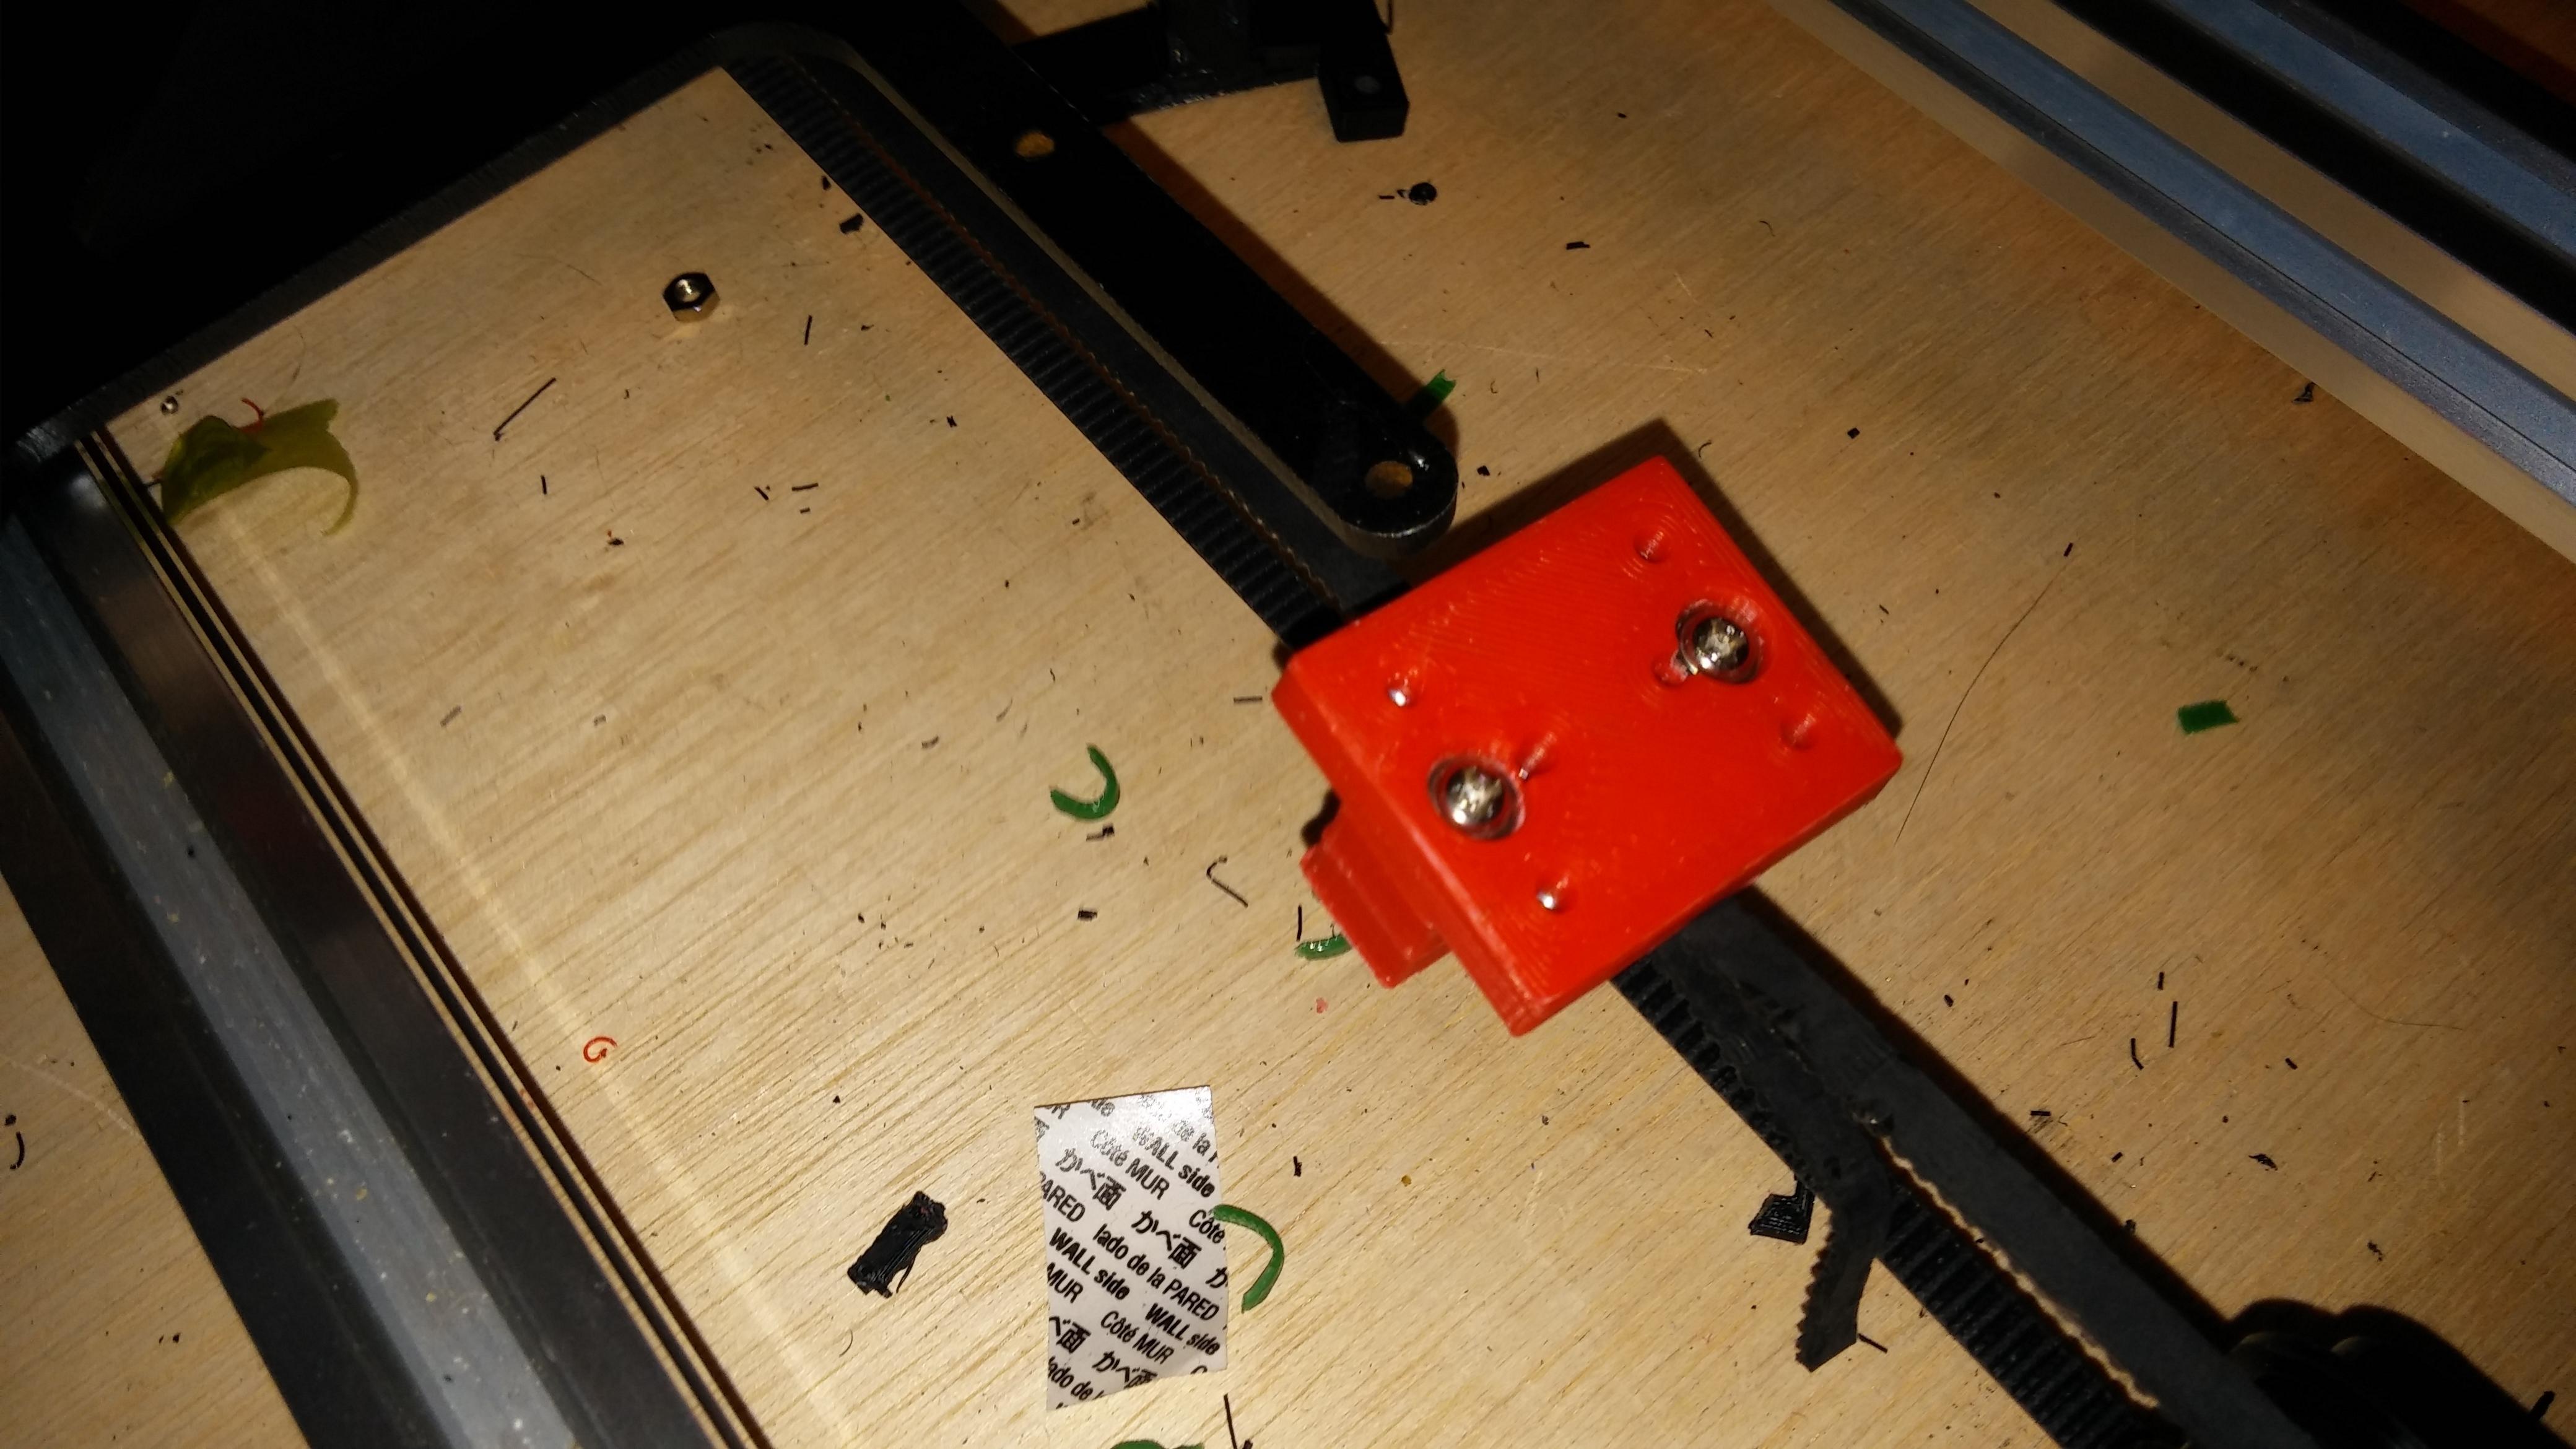 0317151020a.jpg Download free STL file NCS P3-v Steel Y Axis belt Mount GT2 Belt • 3D printer template, trentjw